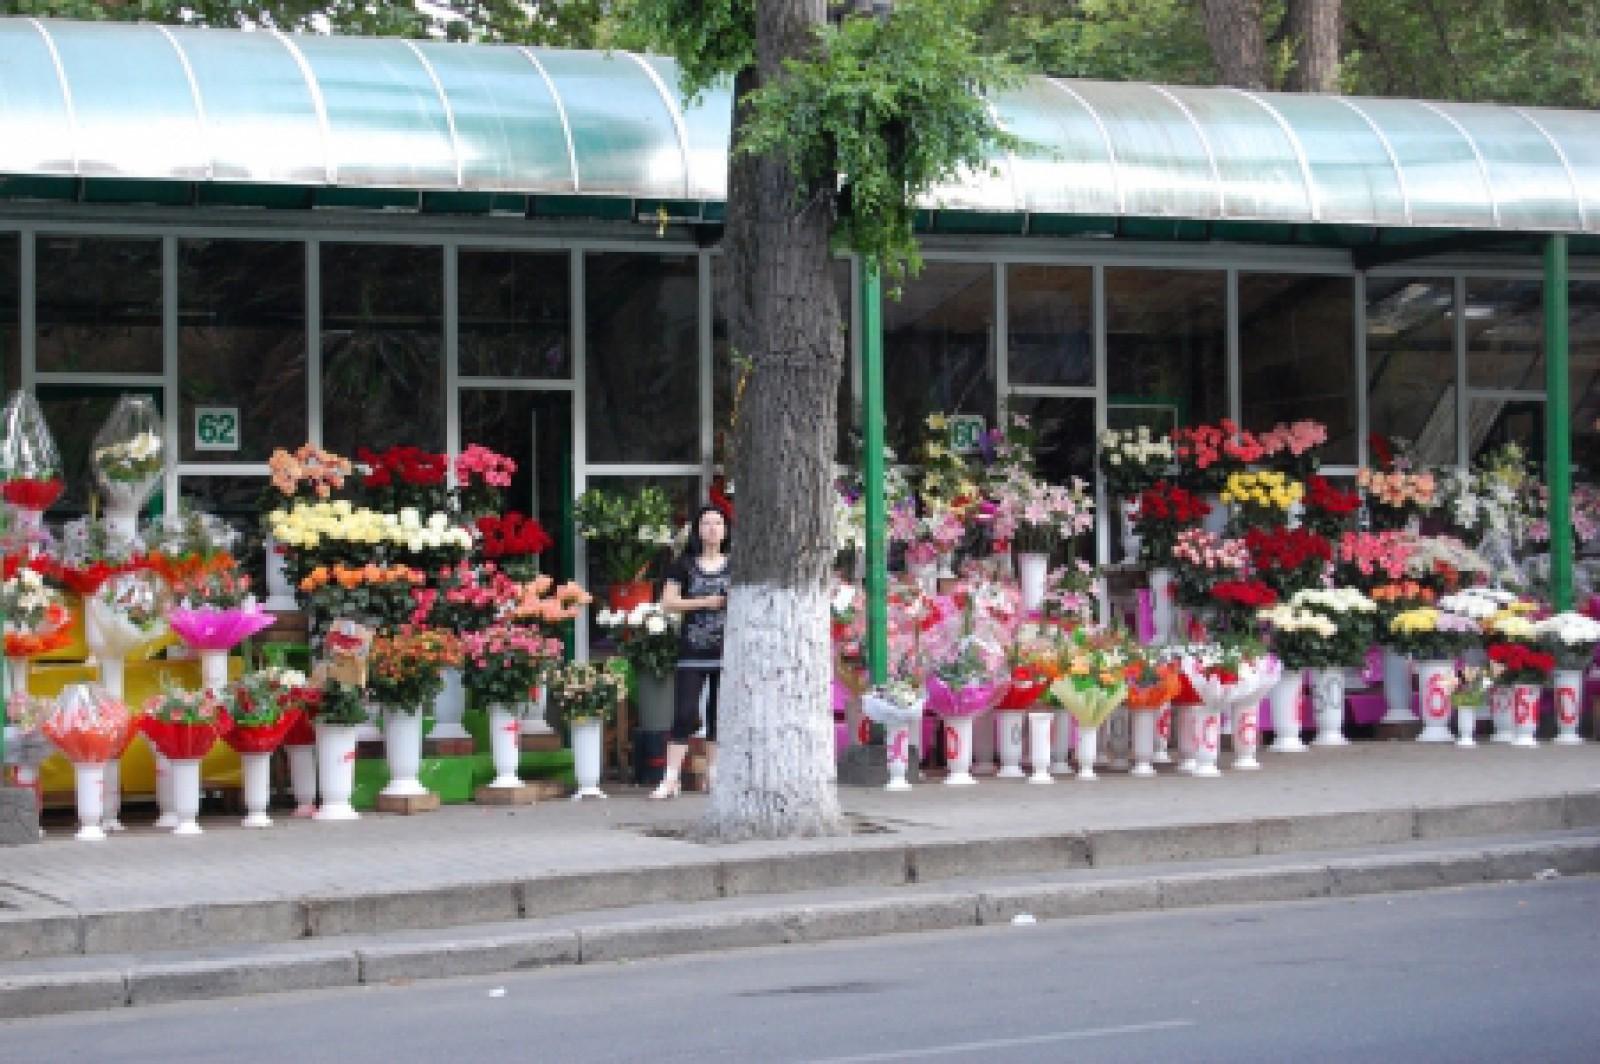 De unde provin trandafirii care se vând la piețele de flori din Moldova